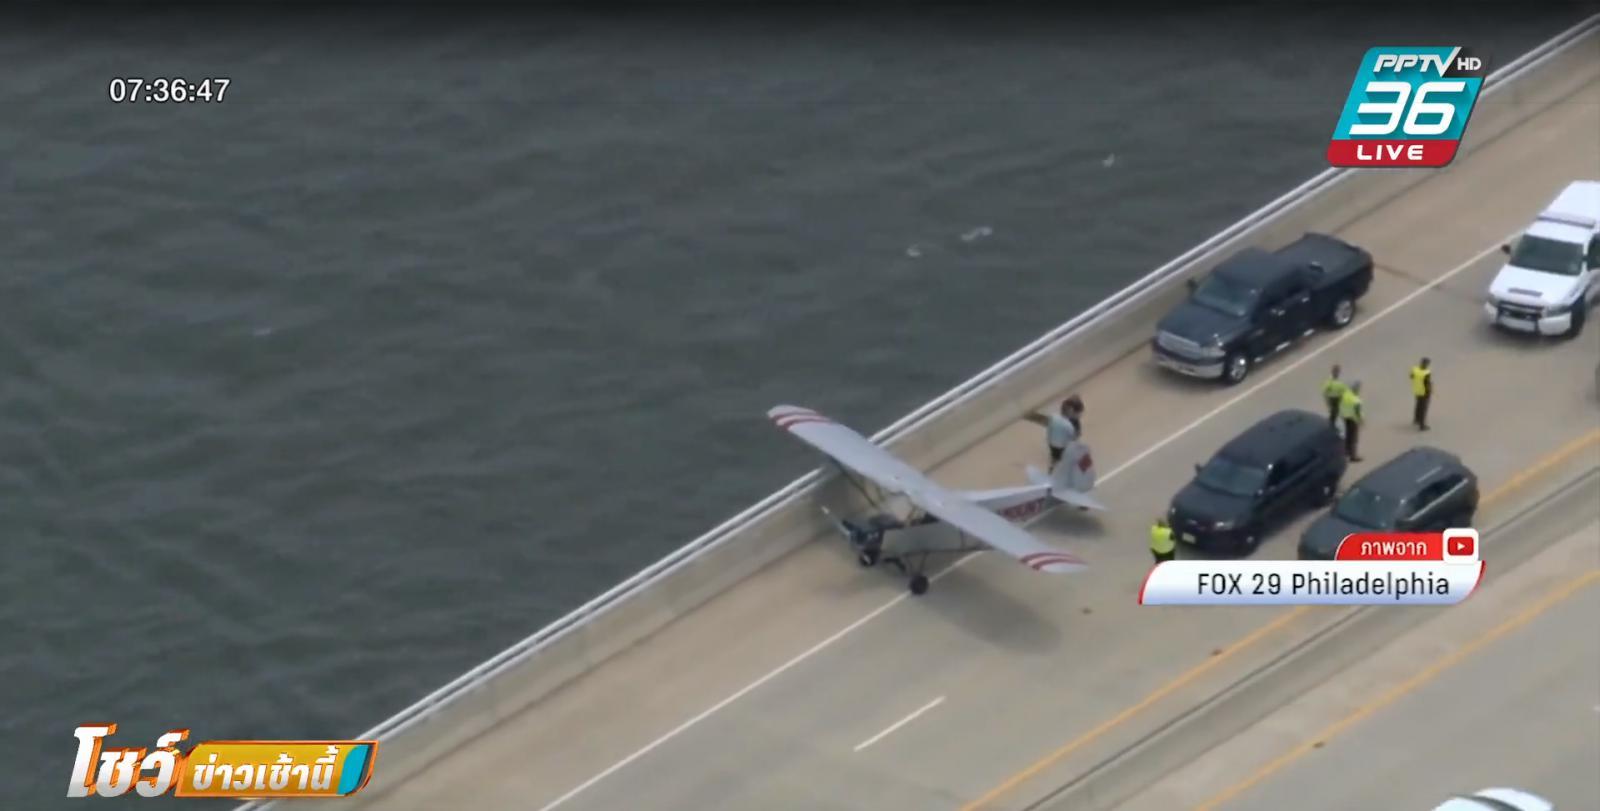 นักบินใจกล้า นำเครื่องลงจอดฉุกเฉินบนสะพานในสหรัฐฯ